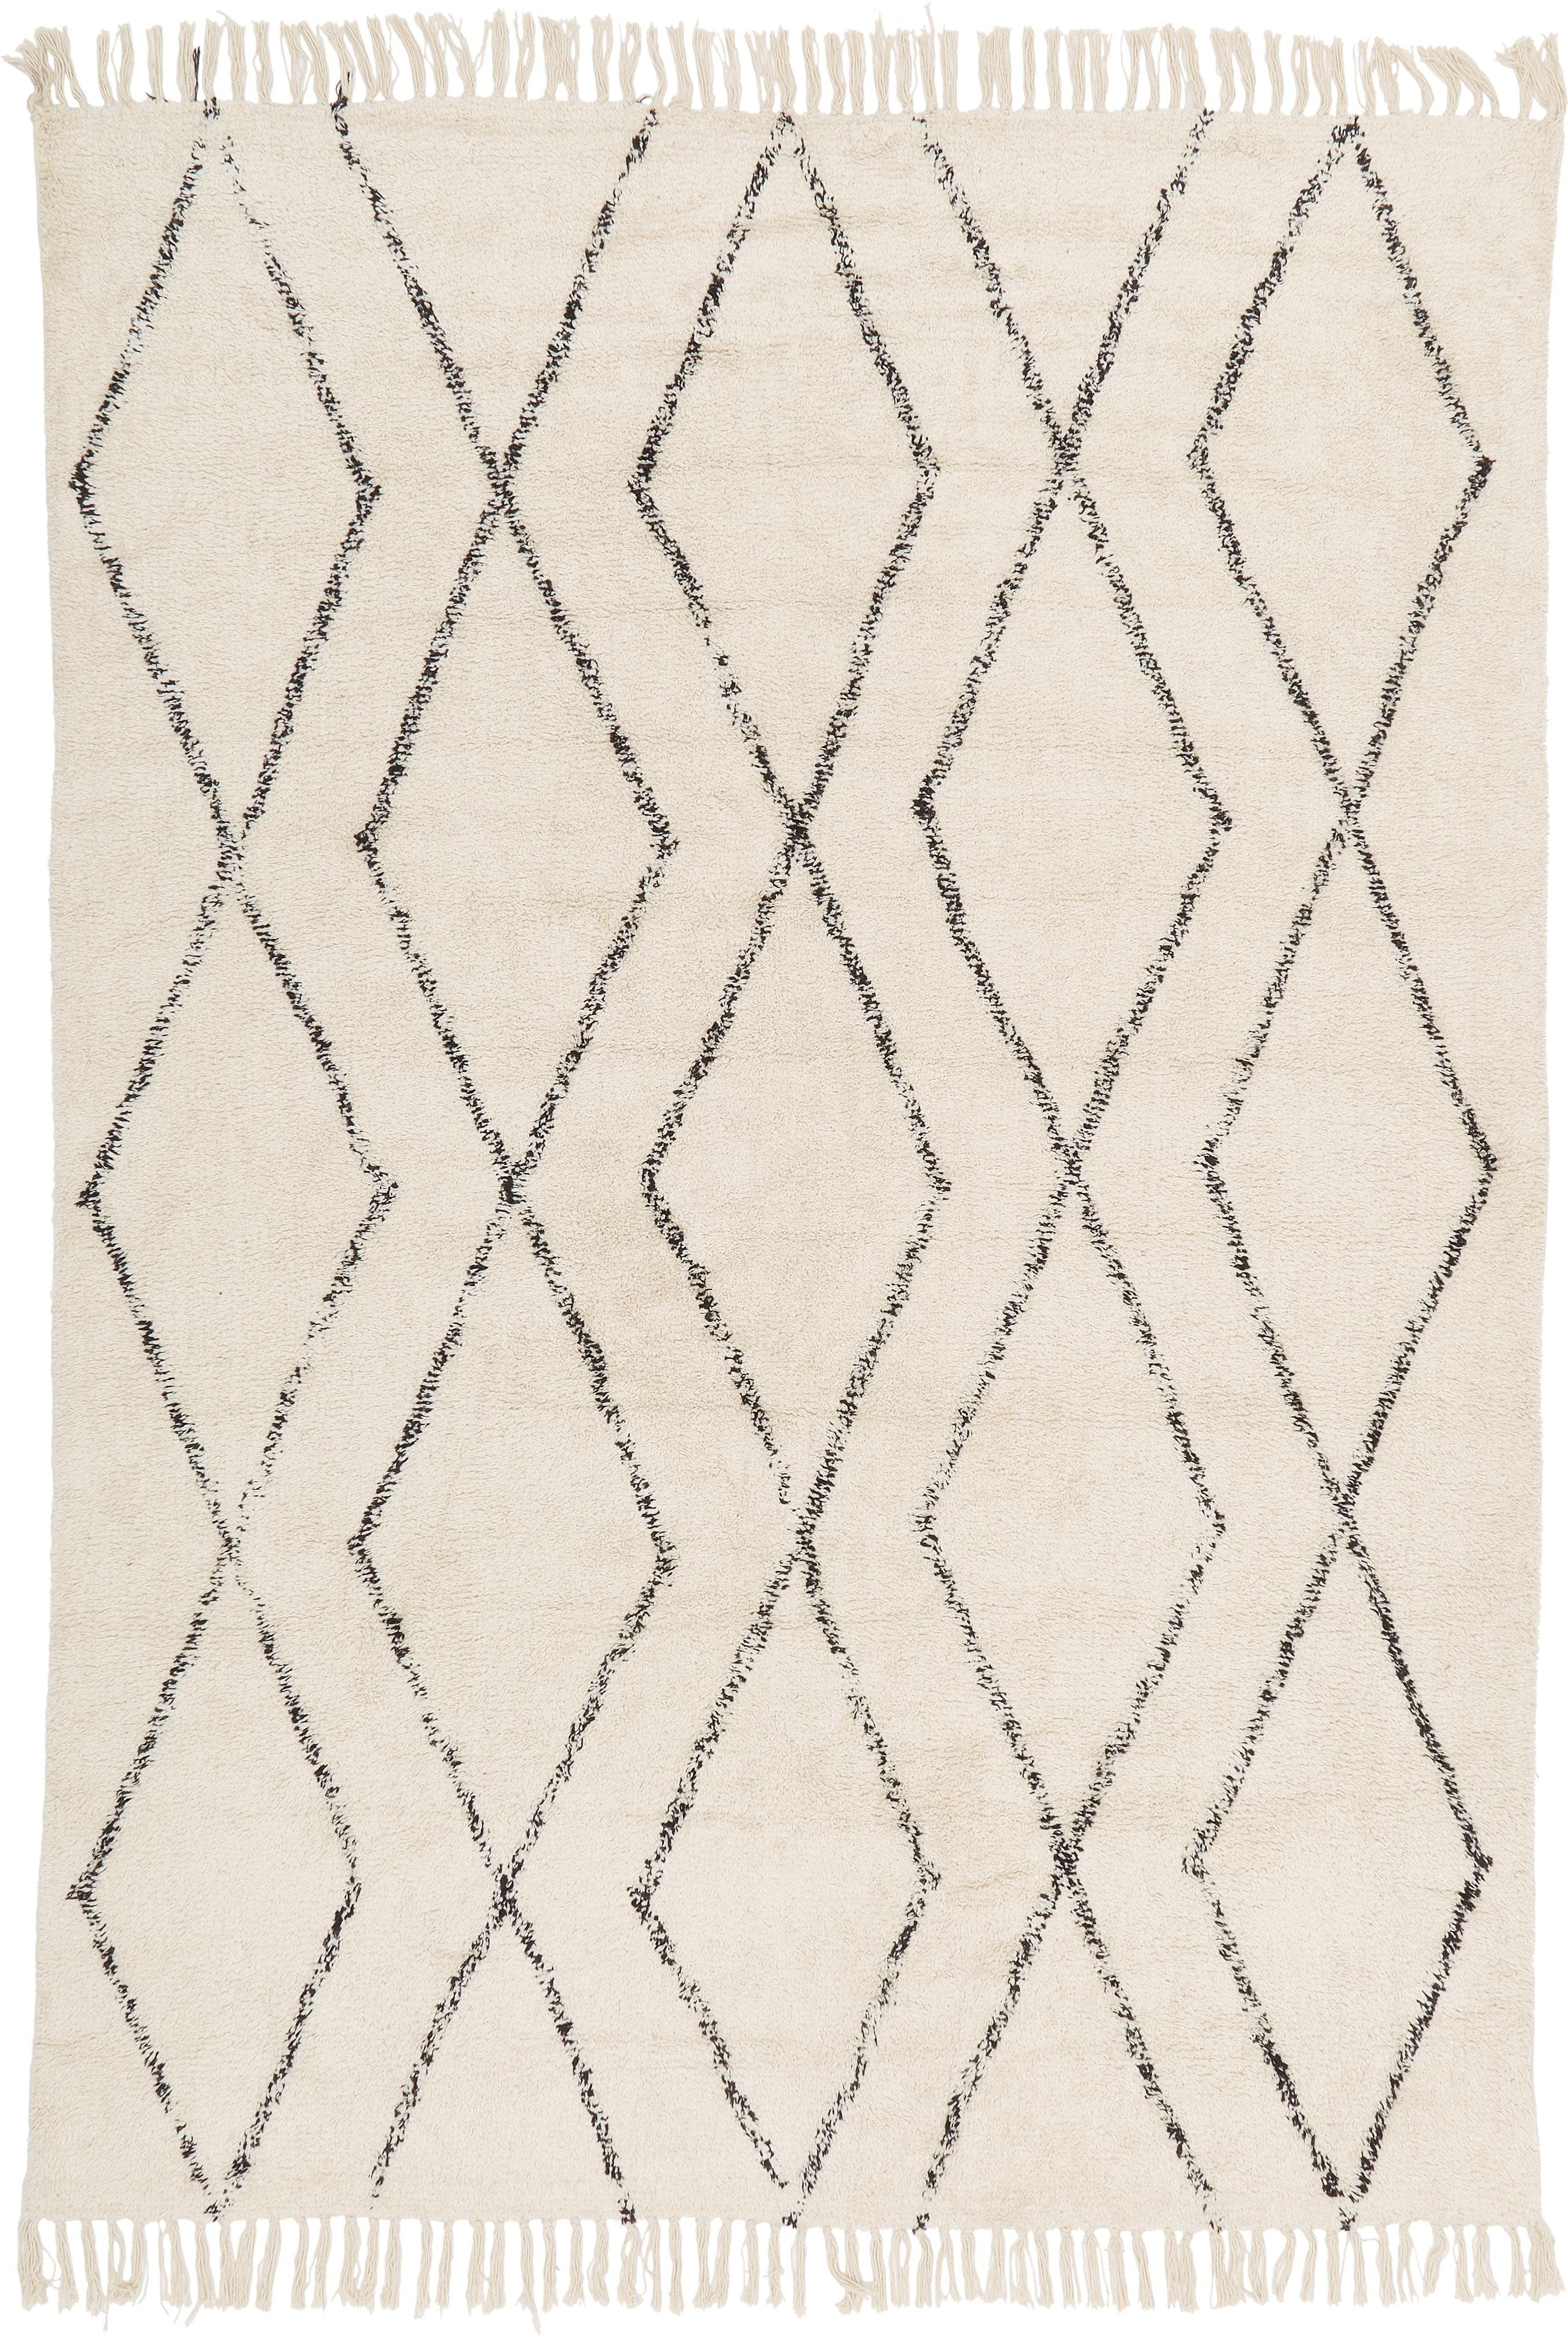 Tappeto Bina in cotone con motivo a rombi, trapuntato a mano, Beige, nero, Larg. 120 x Lung. 180 cm (taglia S)